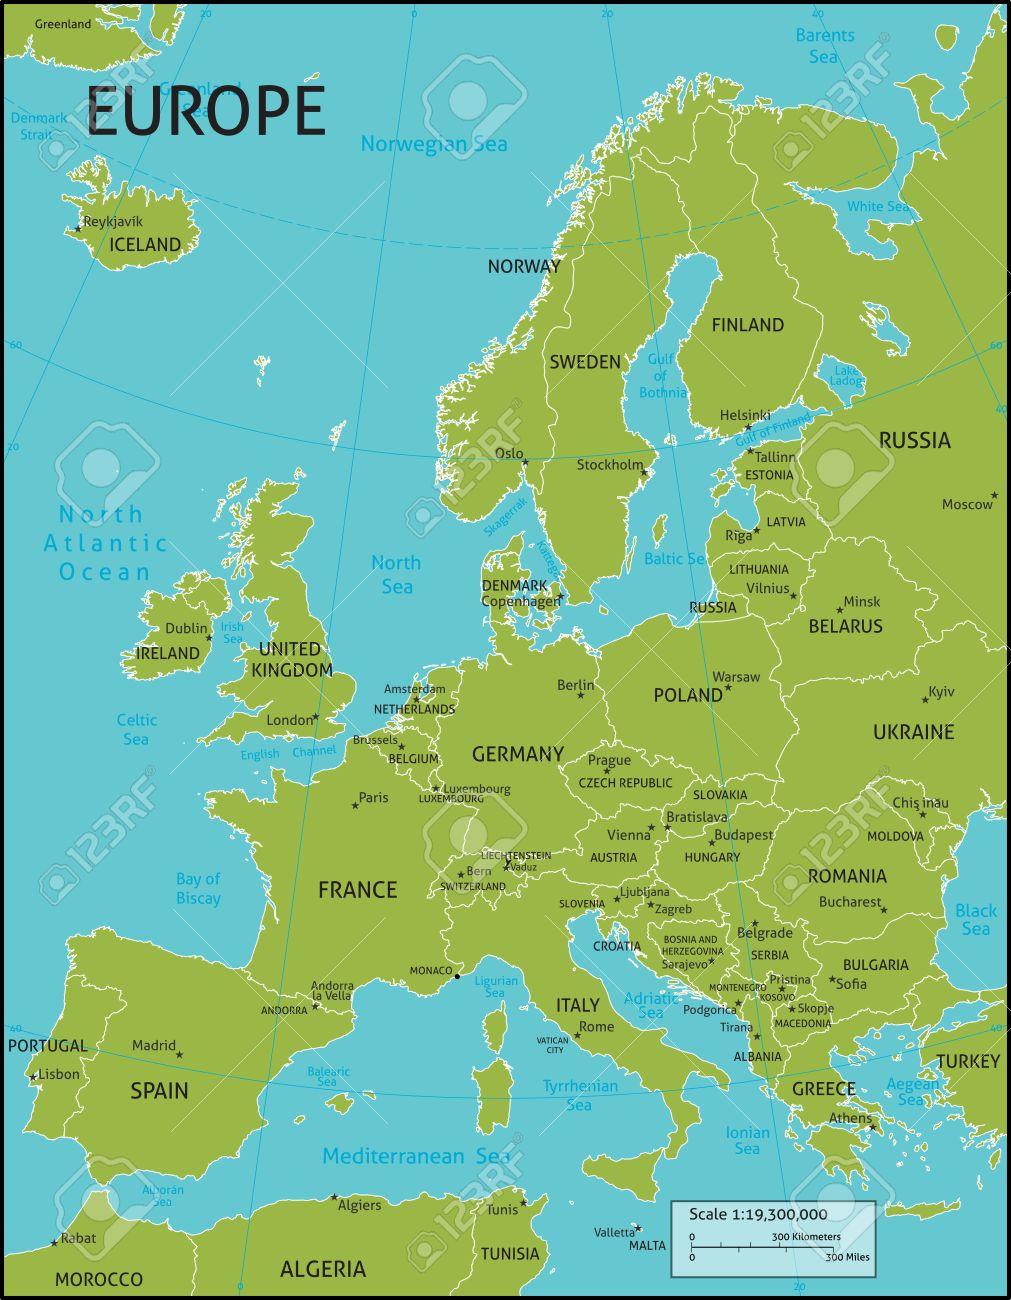 Une Carte De L'europe Avec Tous Les Noms De Pays, Et Les Capitales De Pays.  Organisé Dans La Version De Vecteur Dans Facile D'utiliser Des Couches. dedans Carte Des Capitales De L Europe